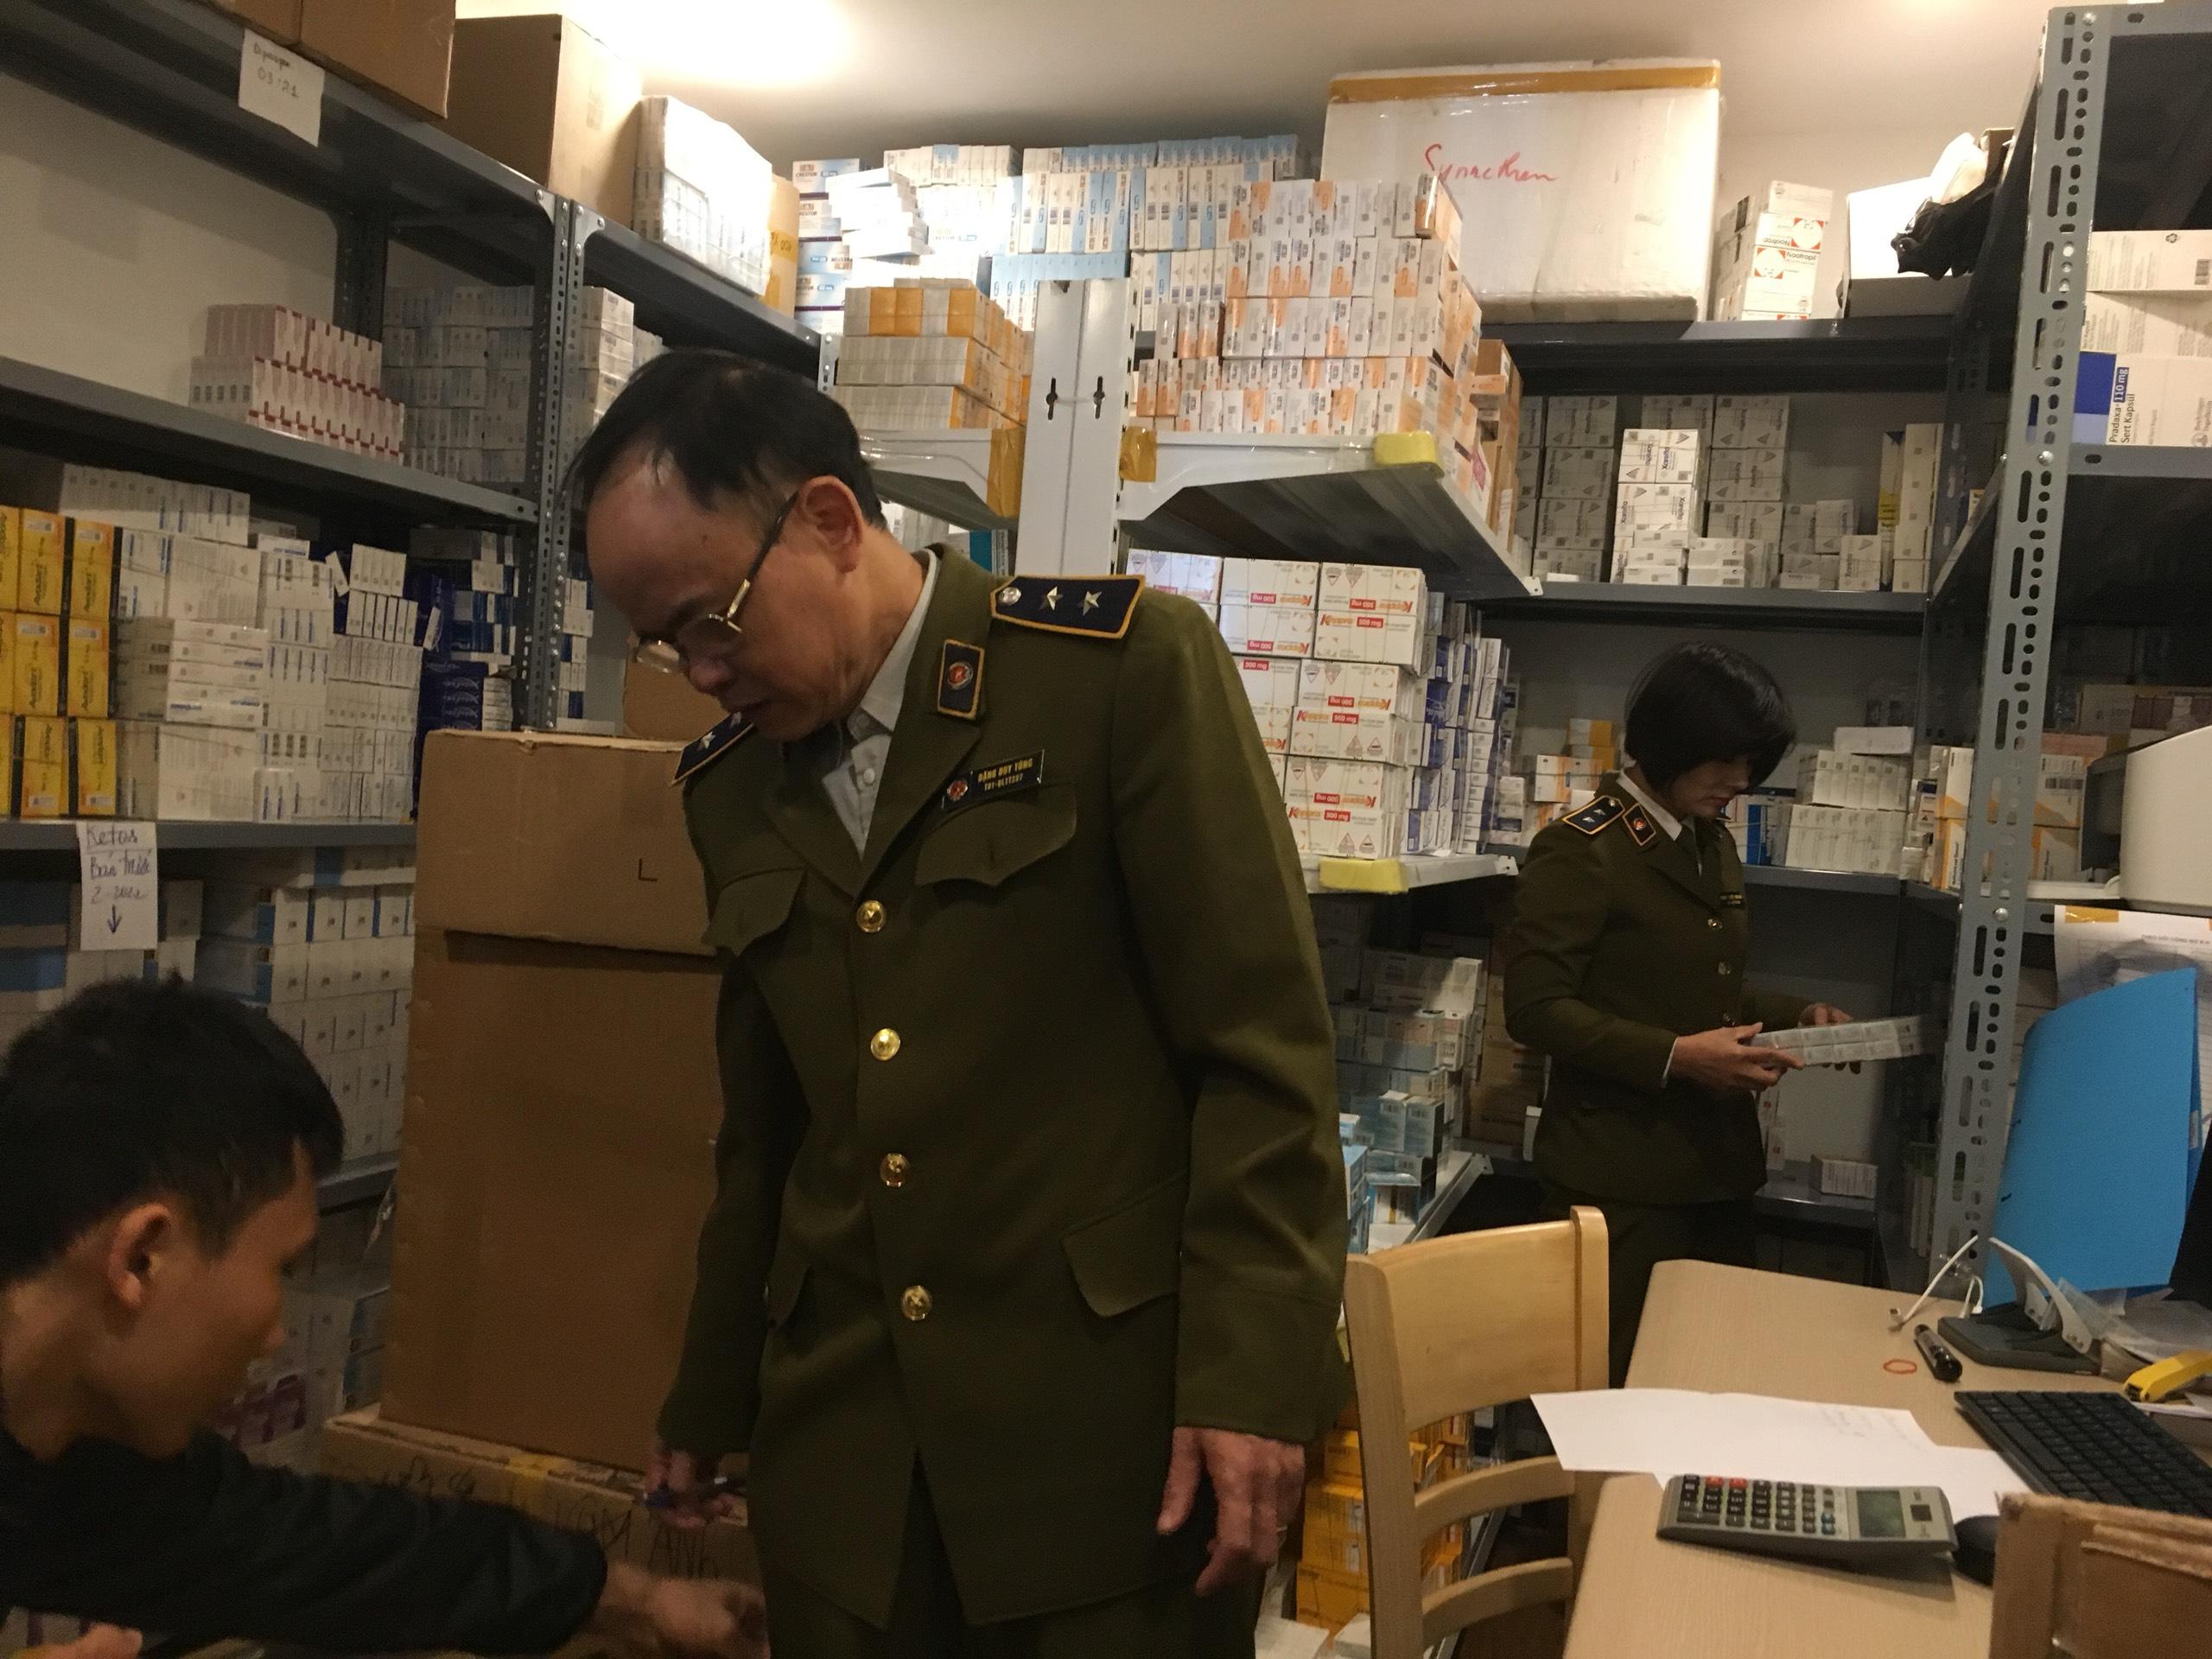 Hà Nội: Tạm giữ hàng trăm nghìn đơn vị thuốc tân dược chưa xuất trình được hóa đơn chứng từ chứng minh nguồn gốc hợp pháp.